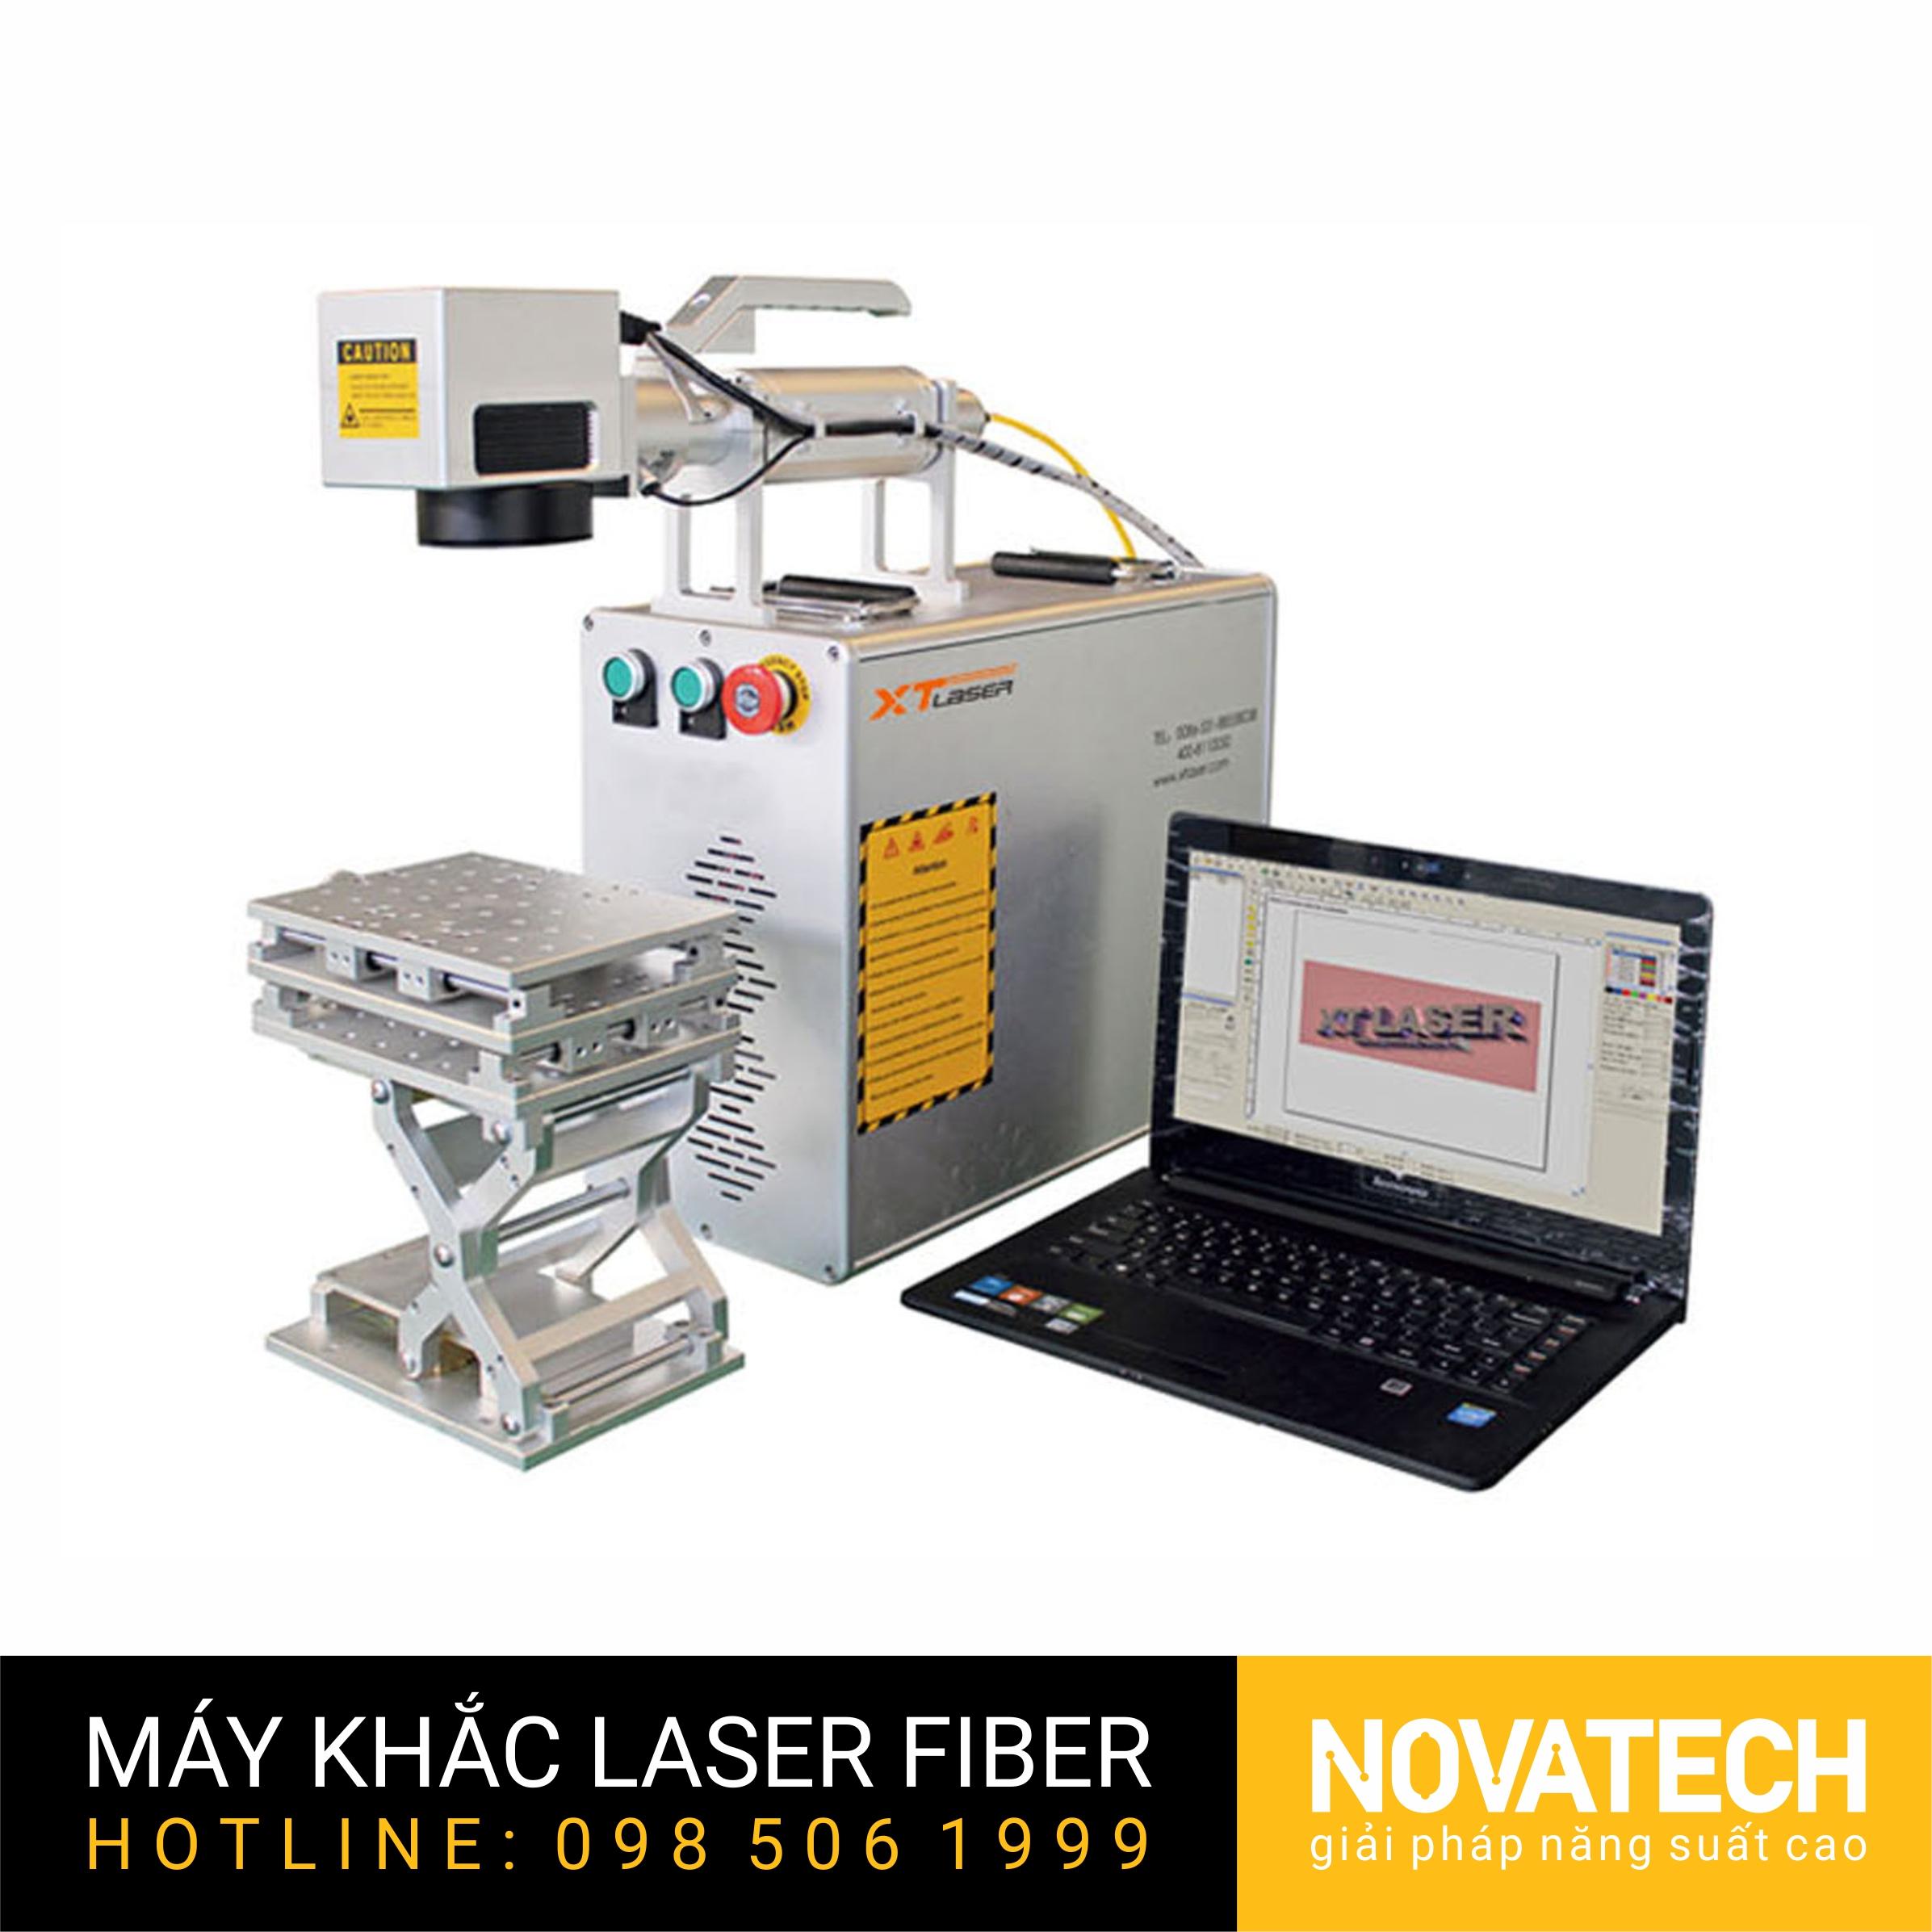 Máy khắc laser fiber XT-LASER kiểu xách tay